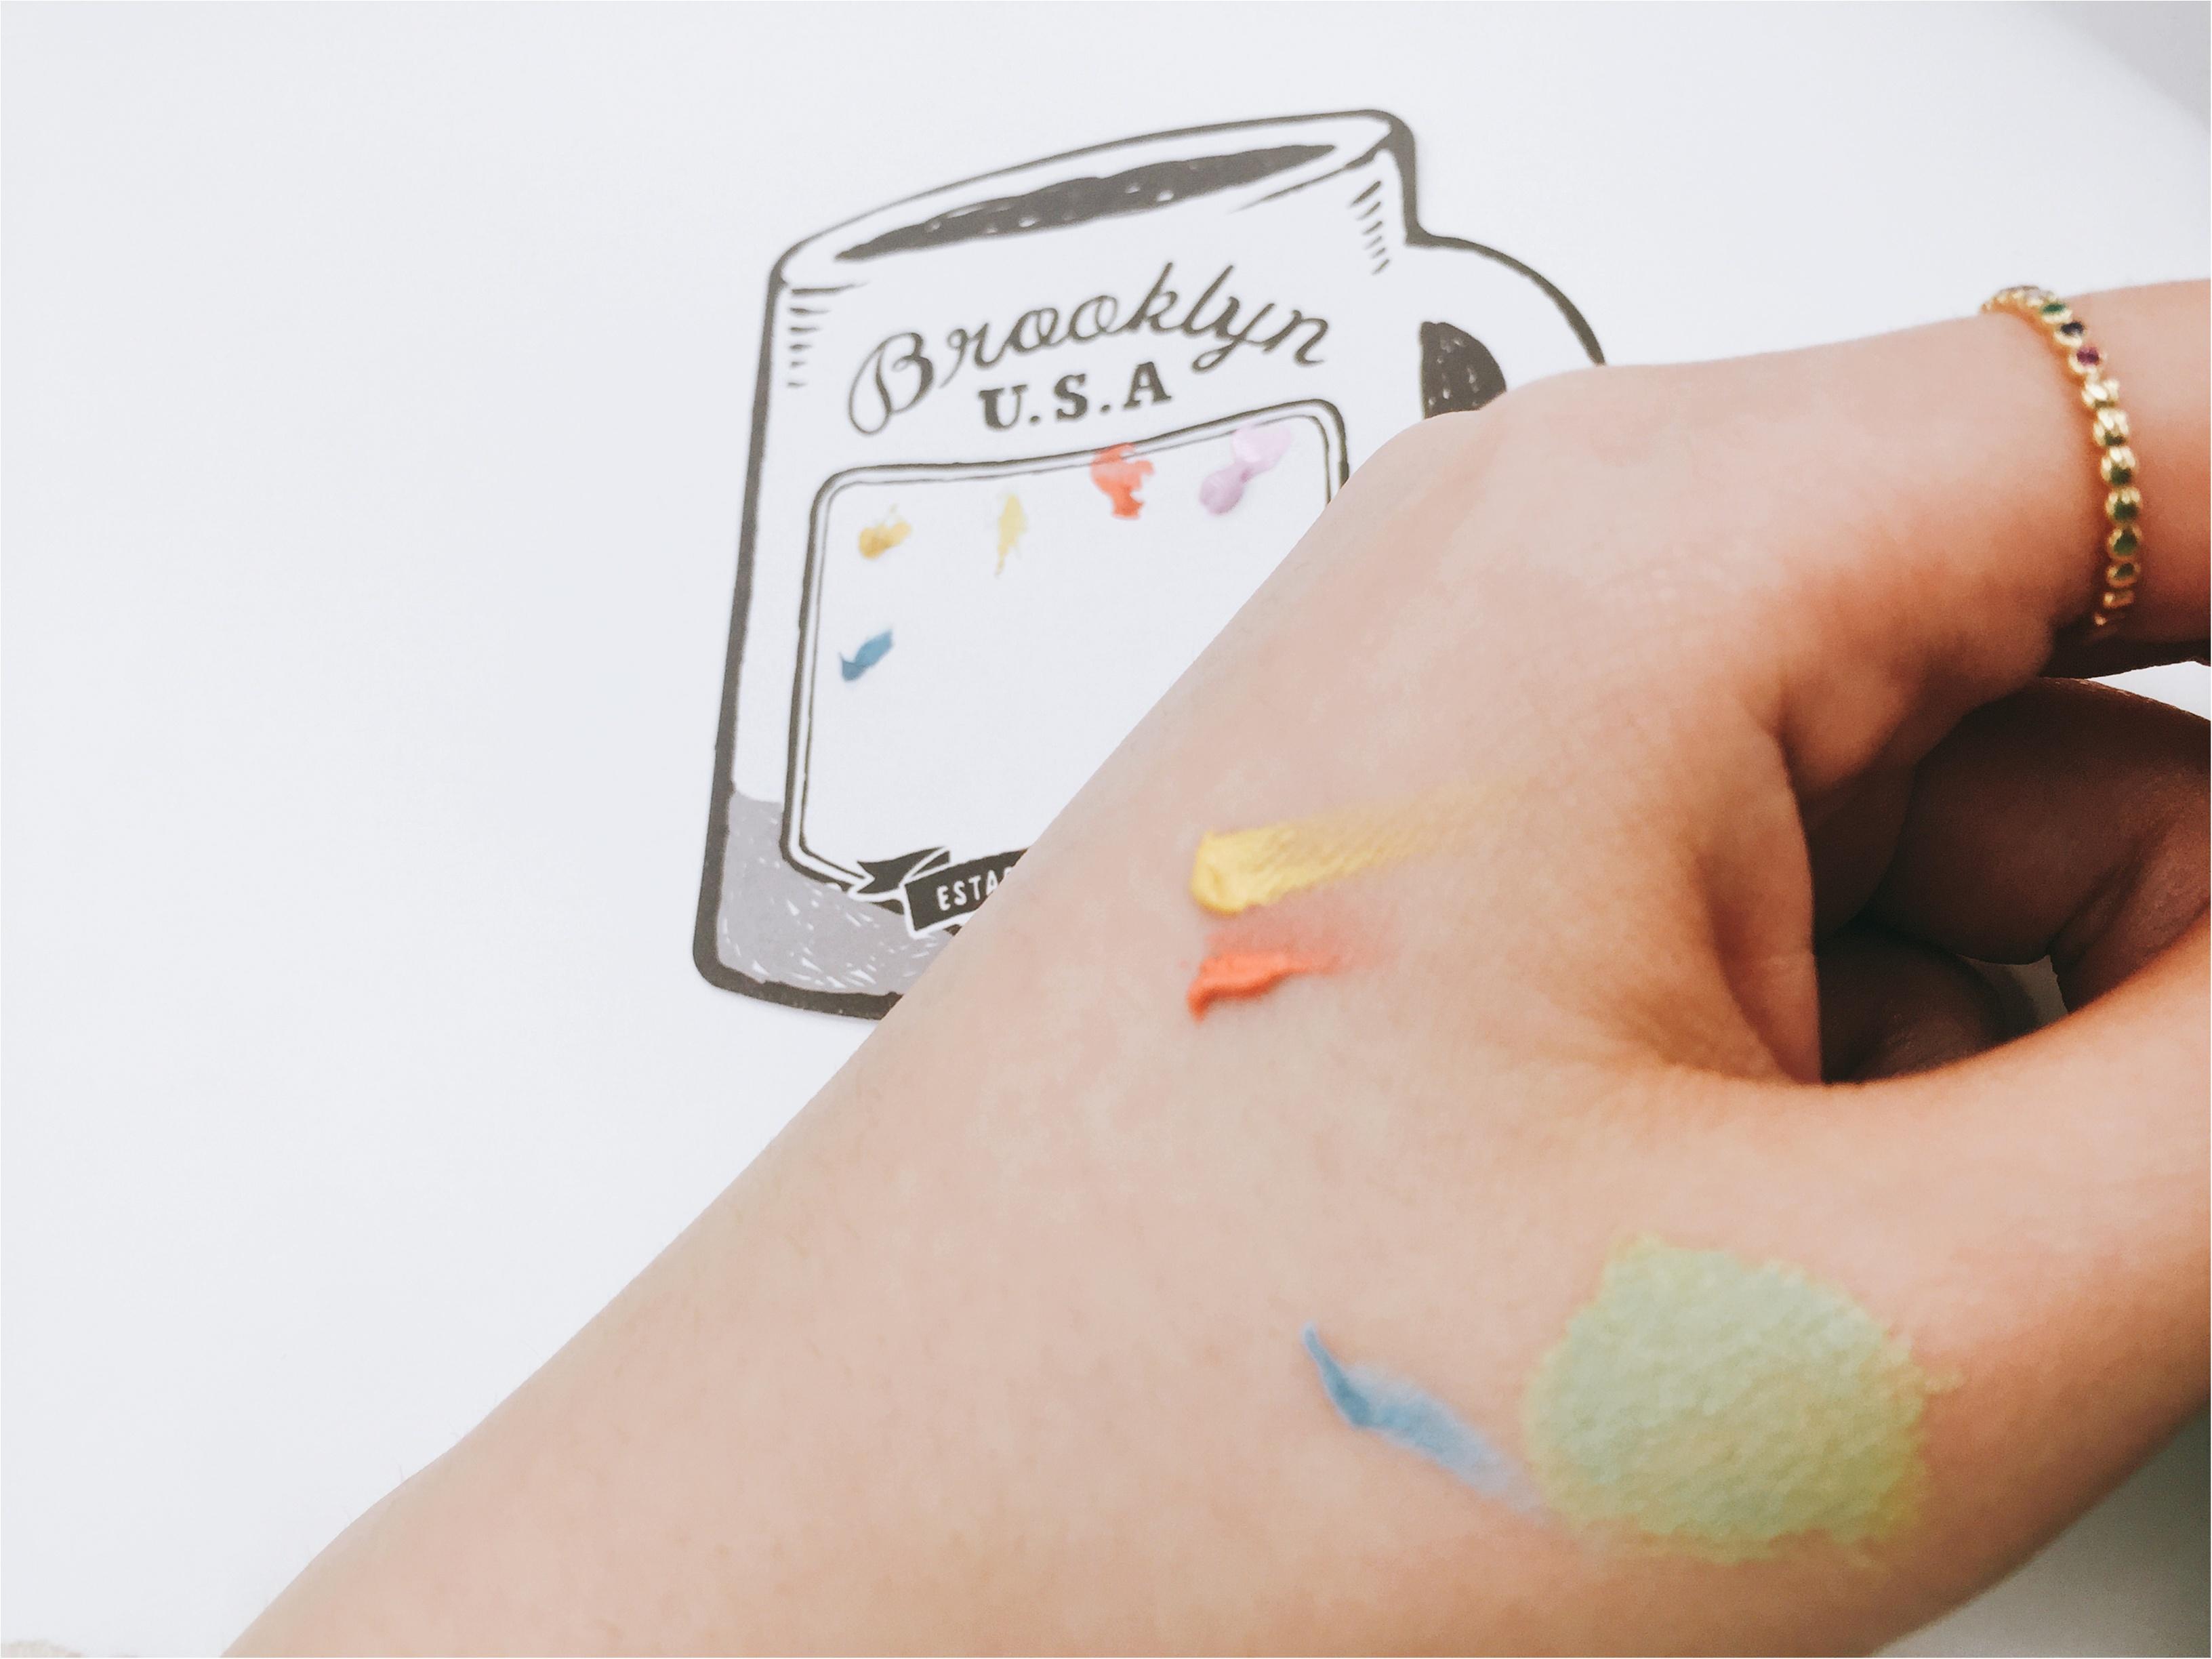 【新作コスメ】まるで絵の具!単色でも複数色を混ぜても楽しめる♡1本6役の「資生堂 PLAYLIST/MULTI PAINTER」をお試し♩_3_3